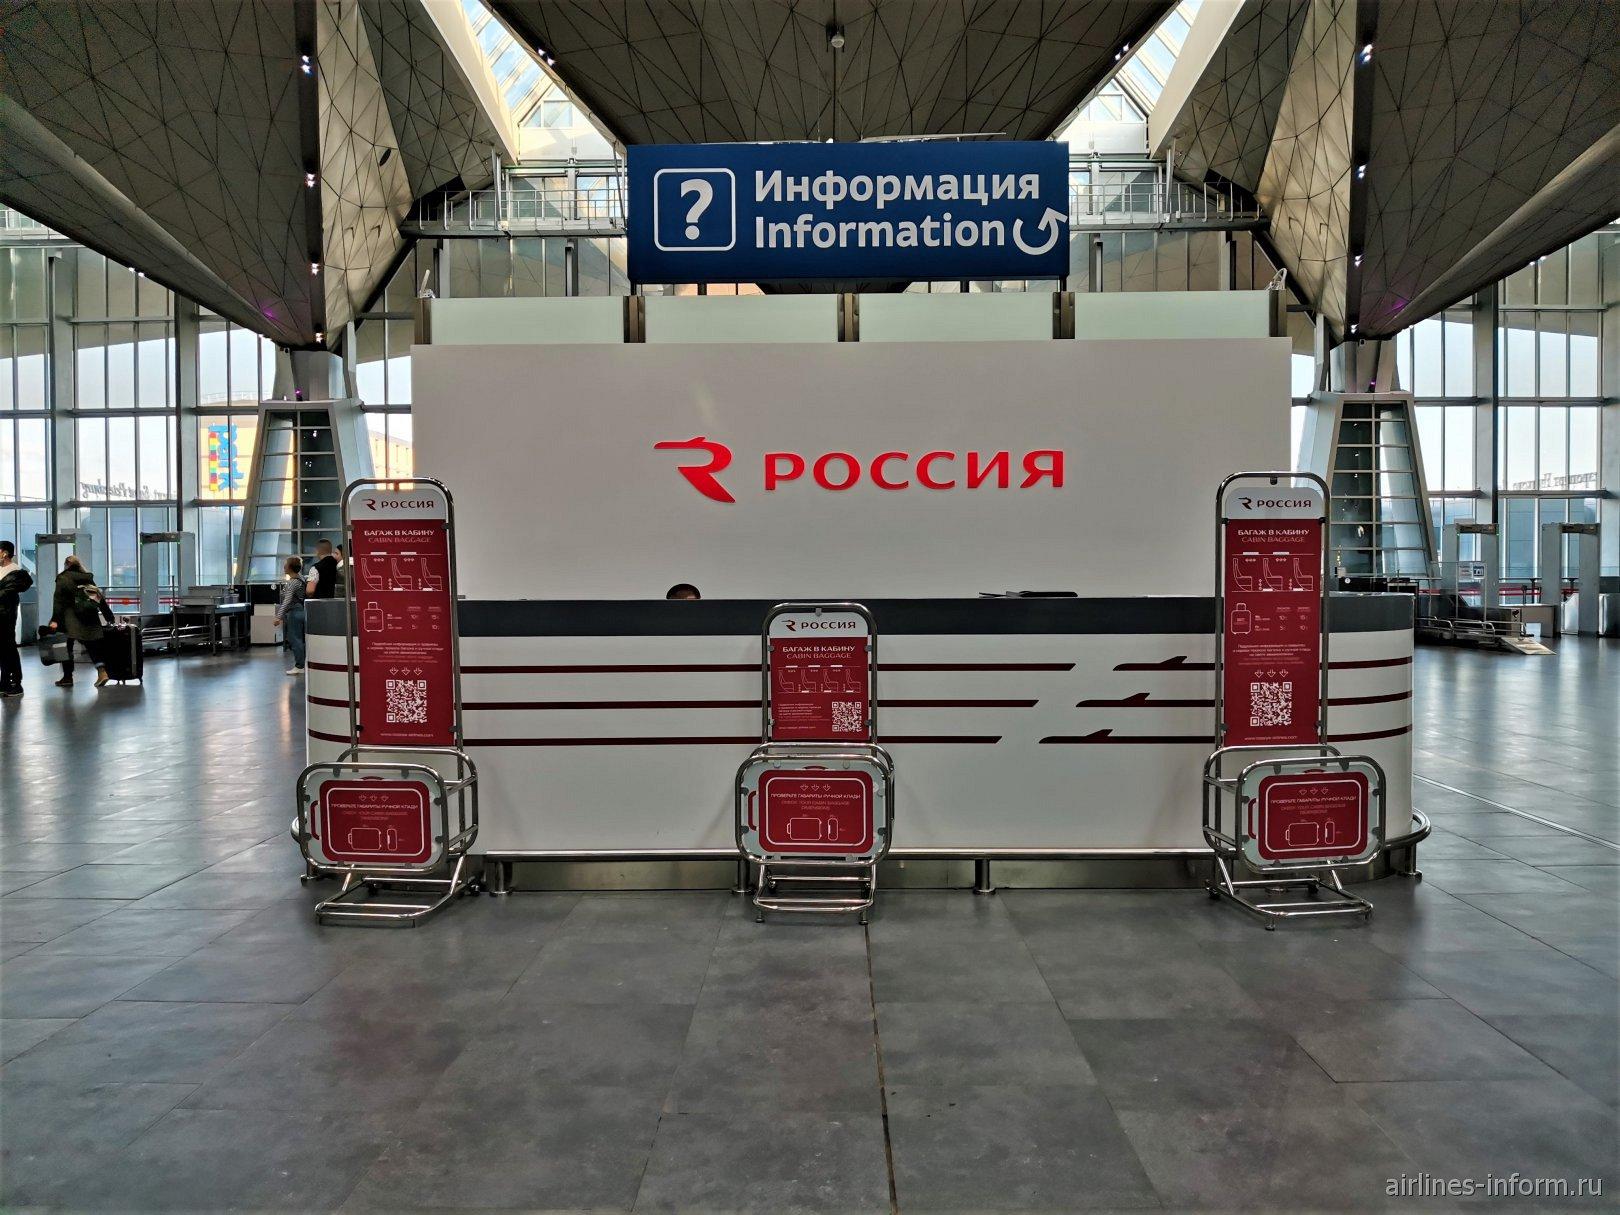 Информационная стойка авиакомпании